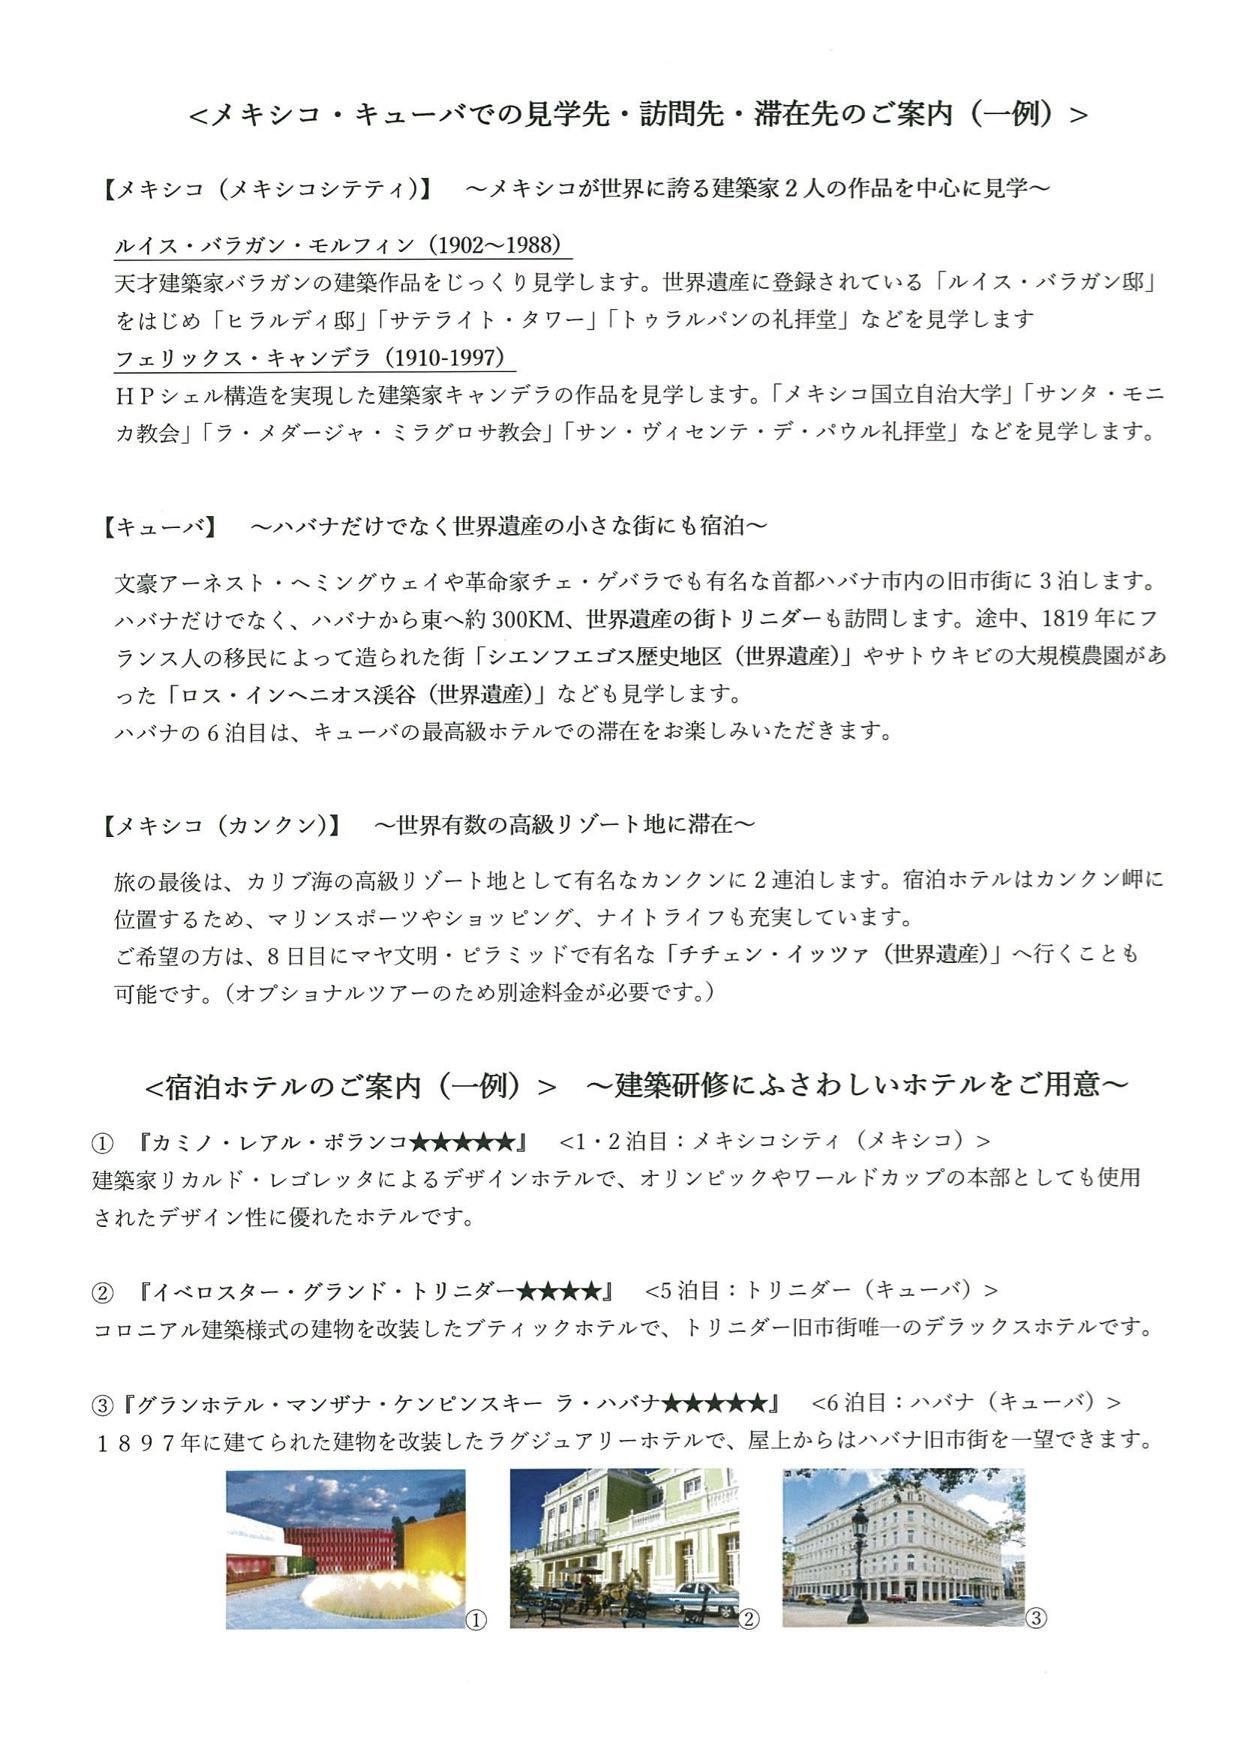 http://aokou.jp/news/images/%E3%83%A1%E3%82%AD%E3%82%B7%E3%82%B3%EF%BC%92.jpg